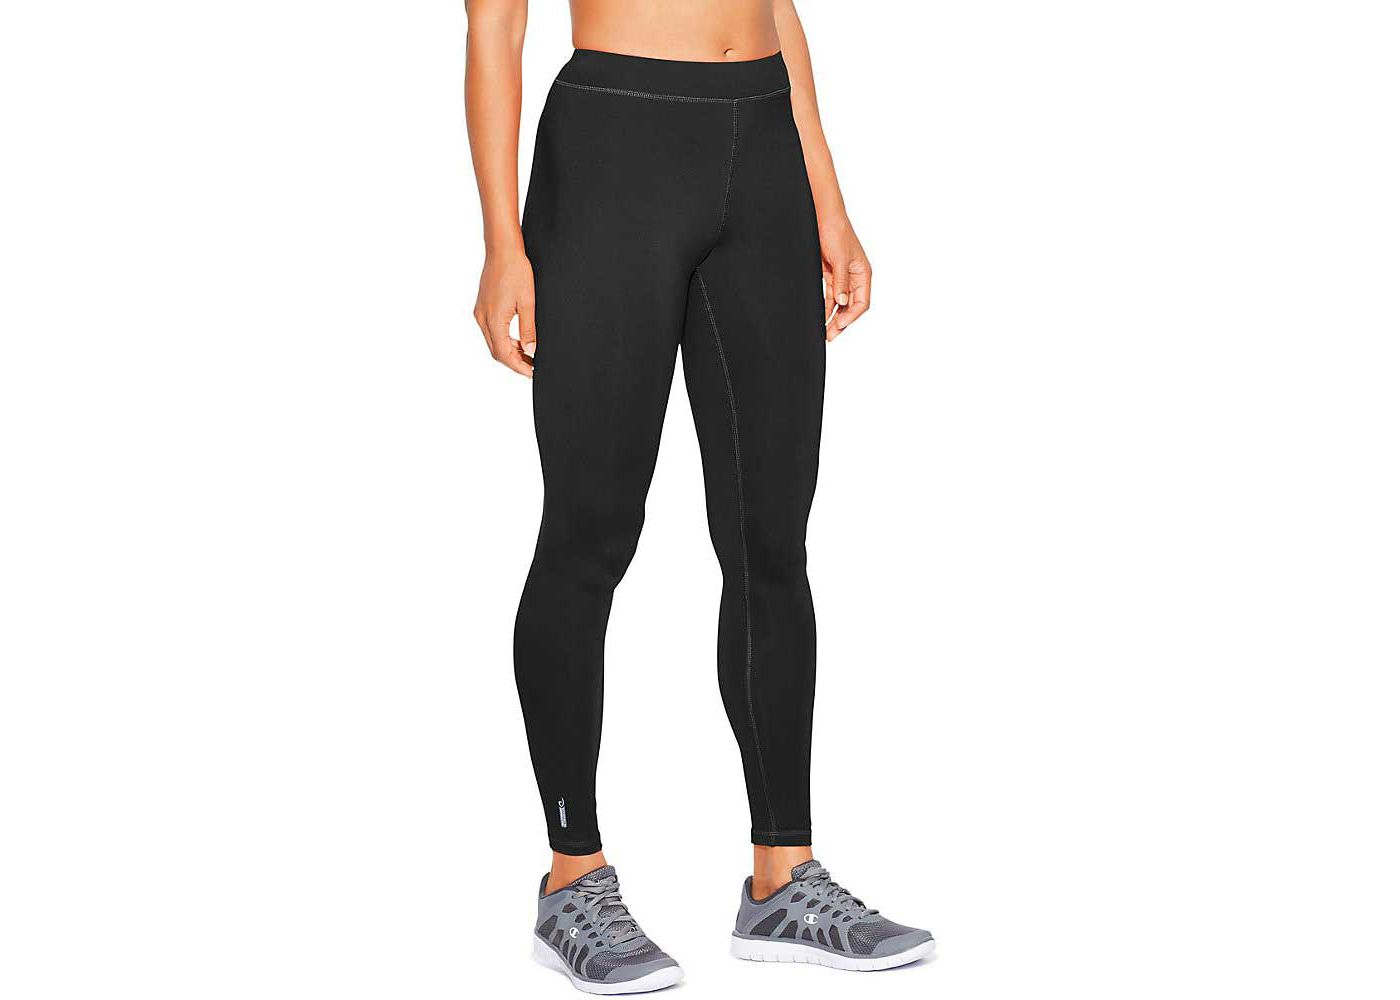 Duofold Women's Flex Weight Pants